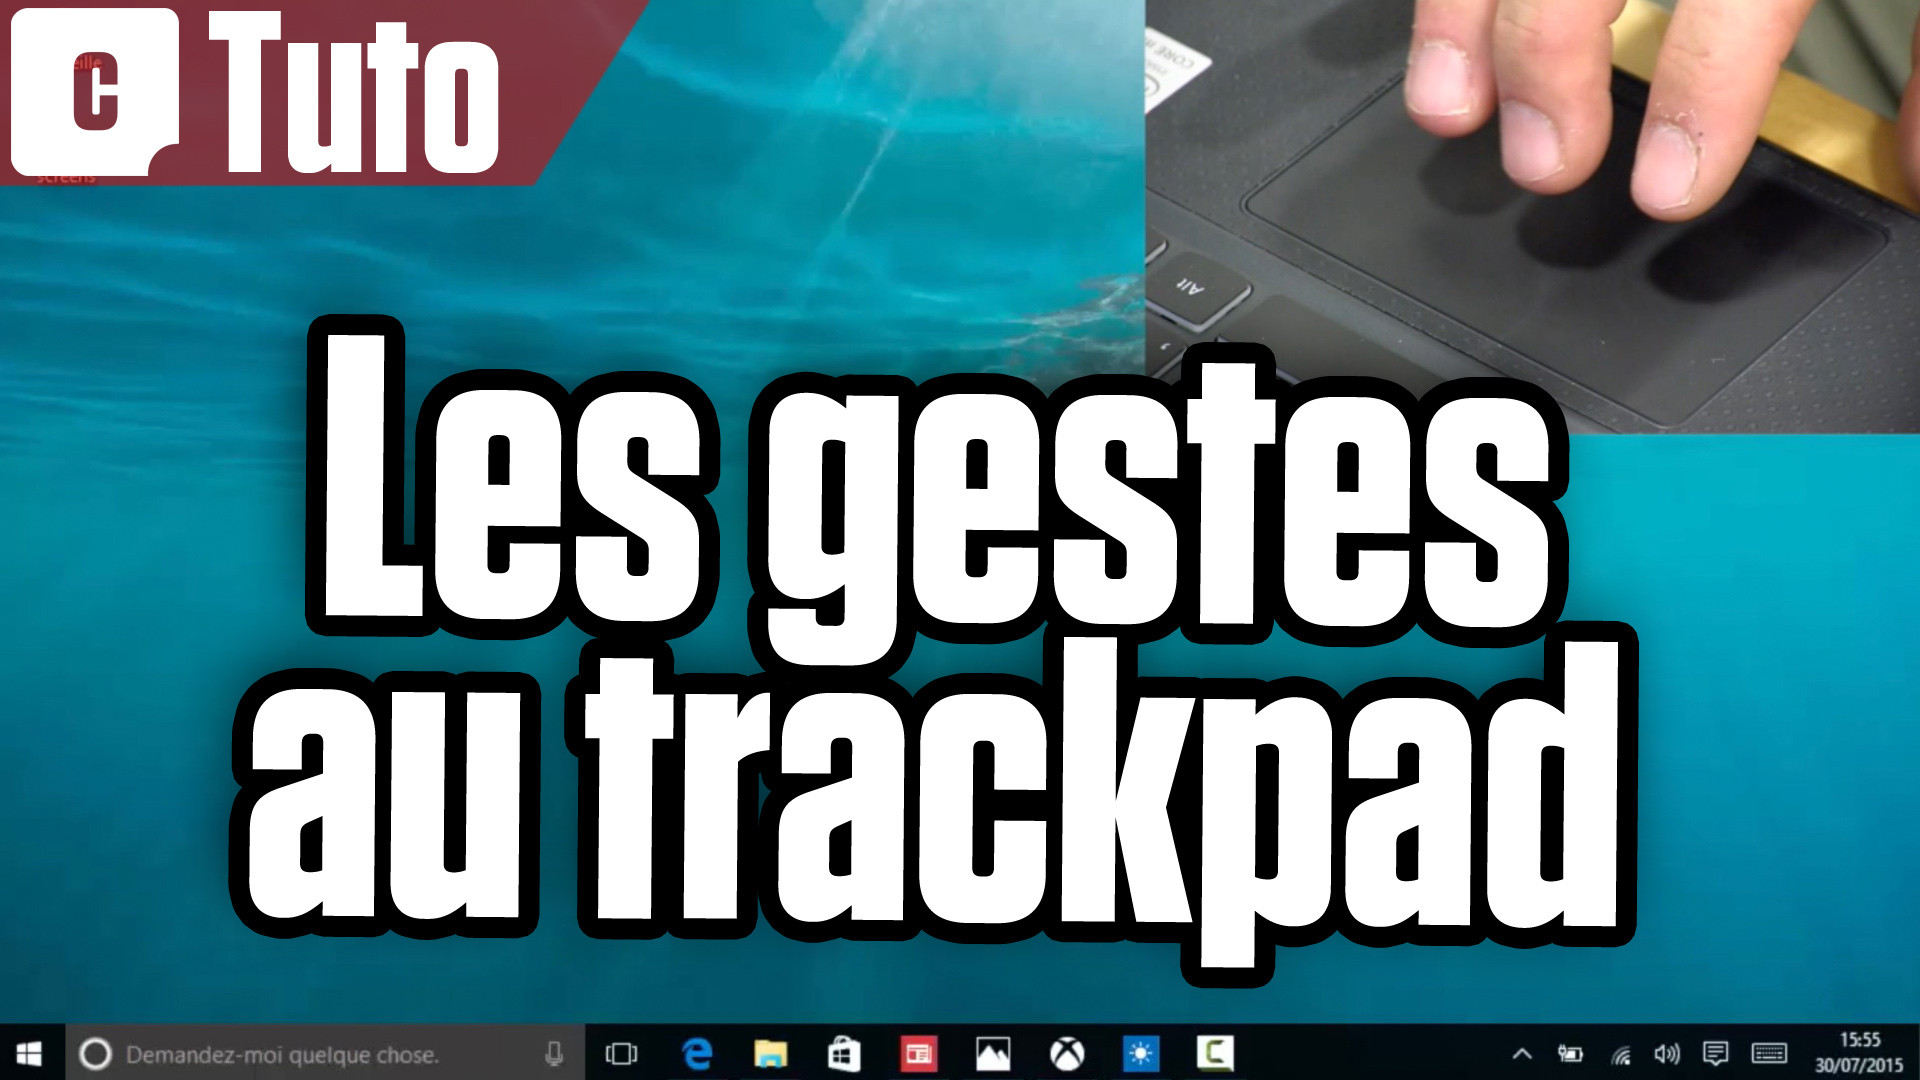 Tuto Windows 10 : maîtrisez les nouveaux gestes du trackpad